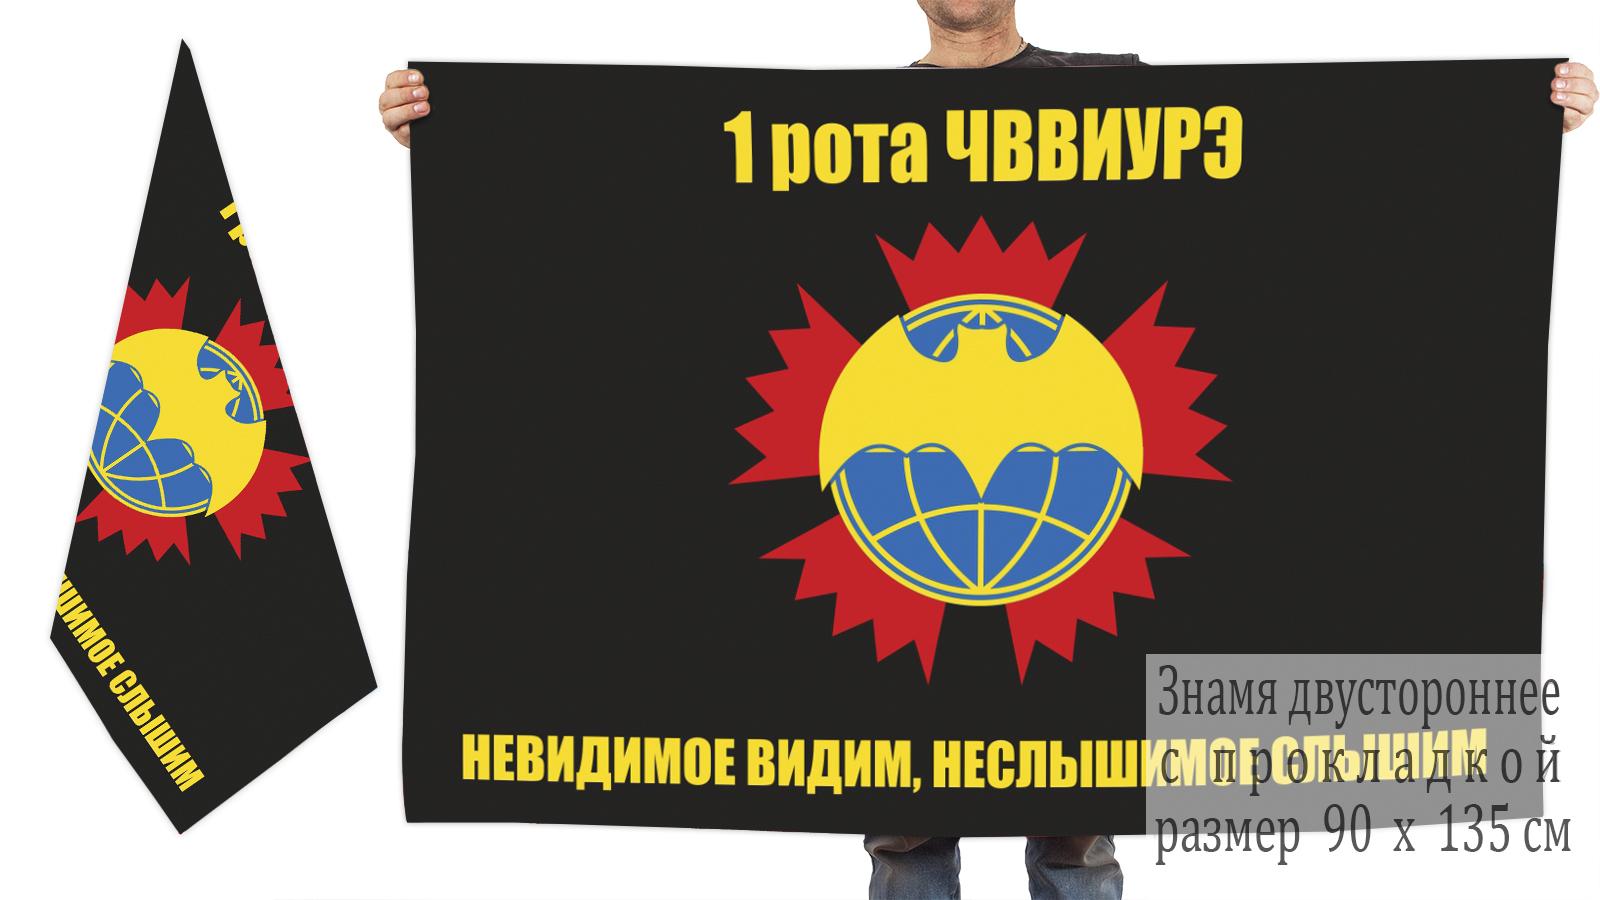 Двусторонний флаг ОСНАЗа ГРУ (1 рота ЧВВИУРЭ)